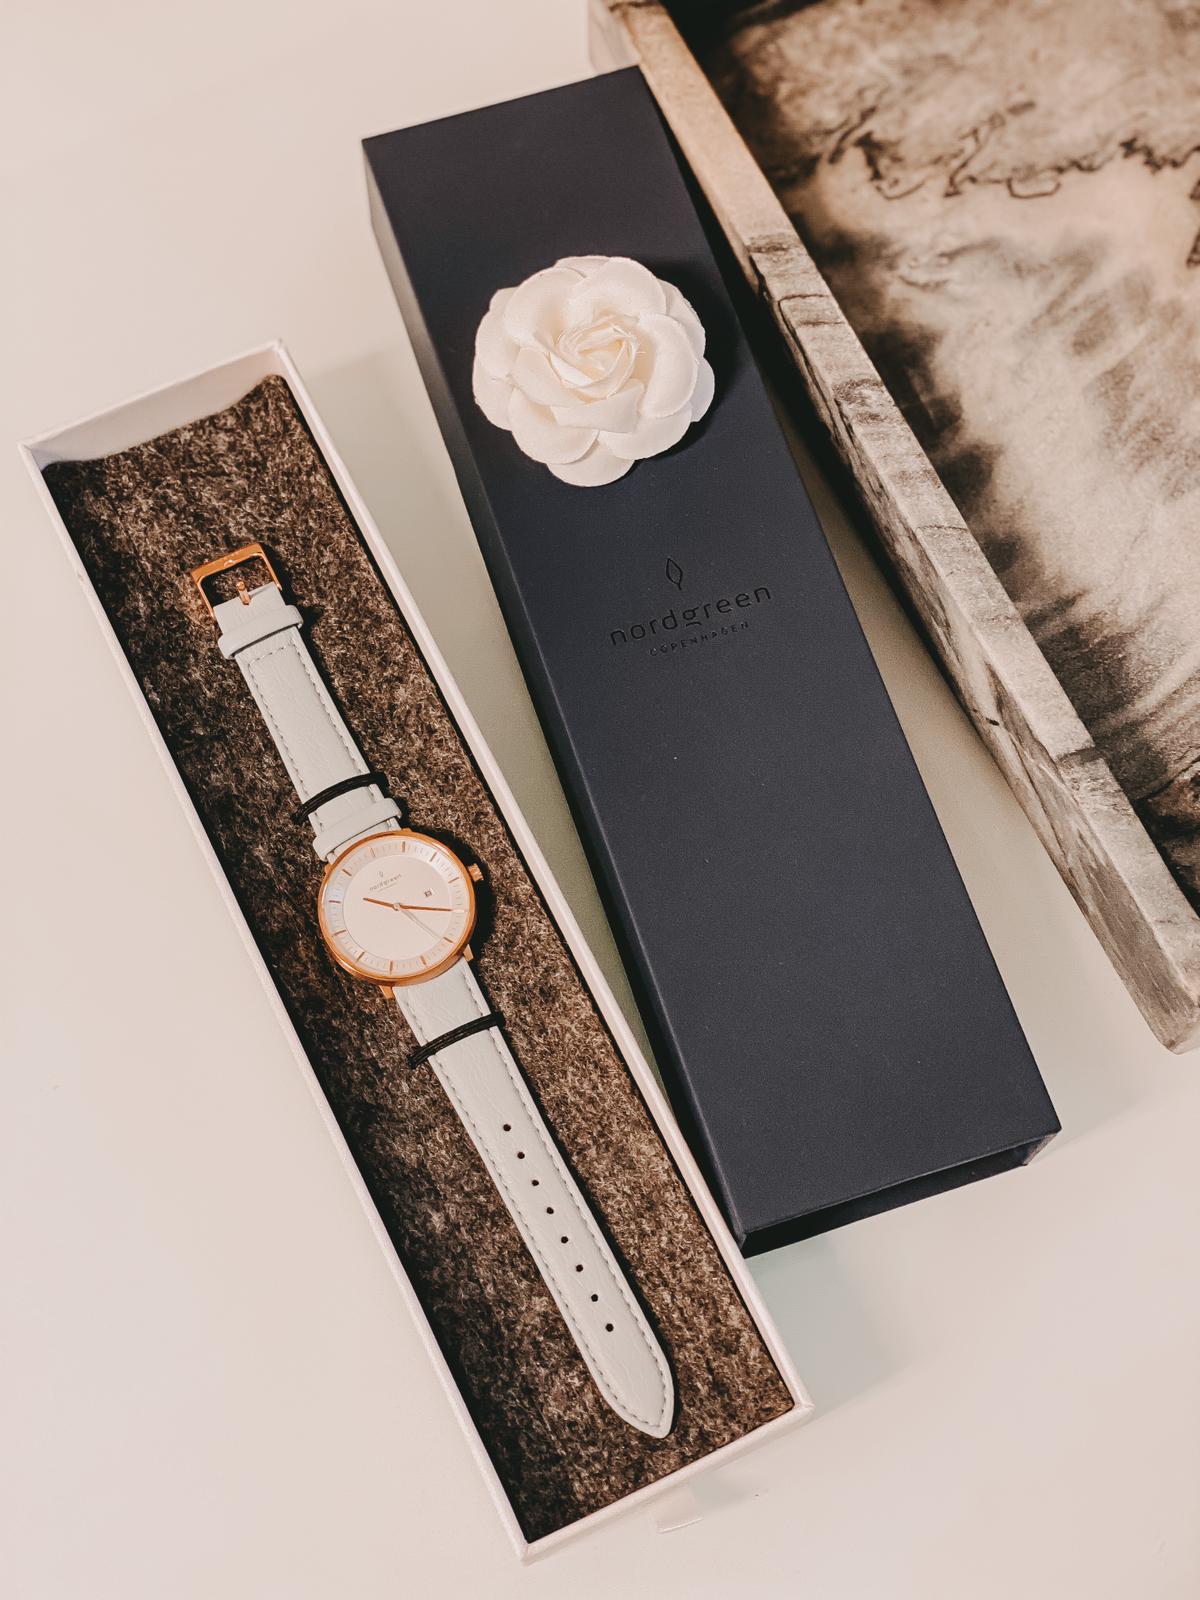 Nordgreen Copenhagen Armbanduhr